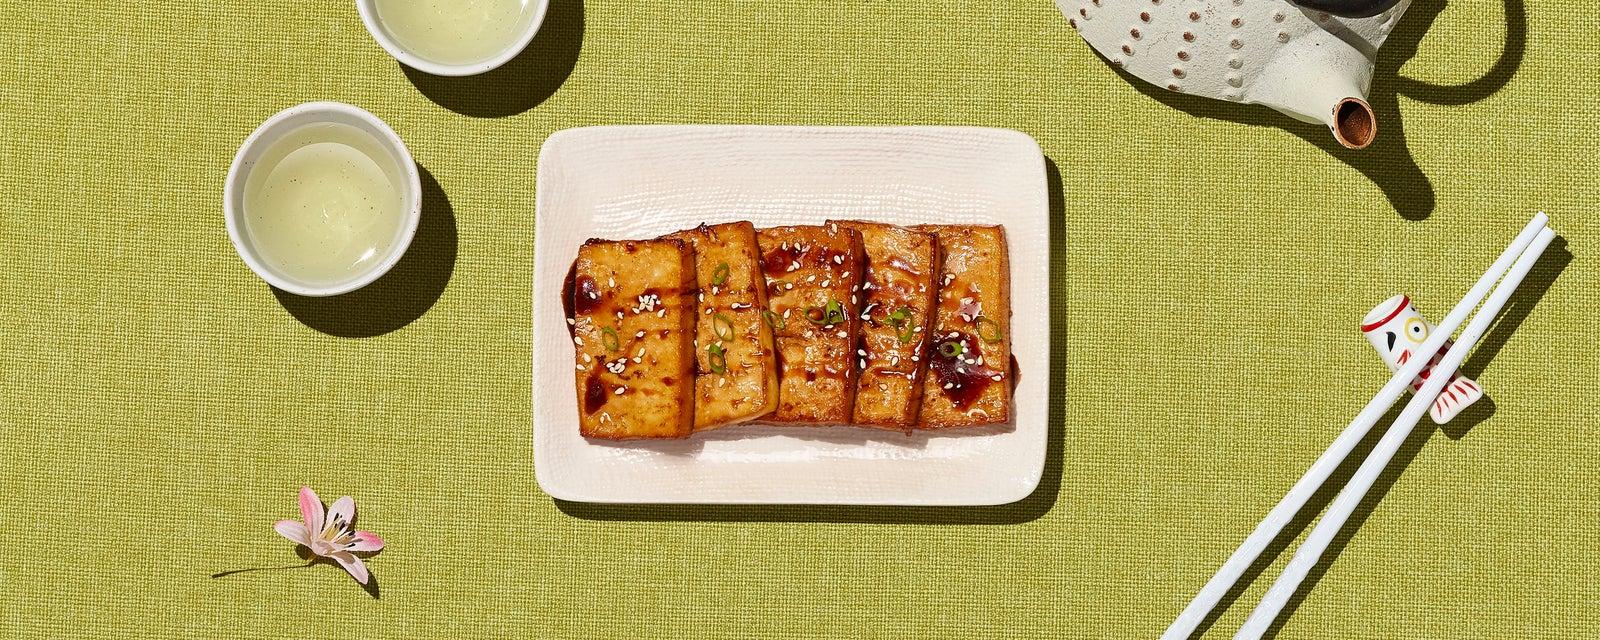 Baked Sesame Garlic Tofu